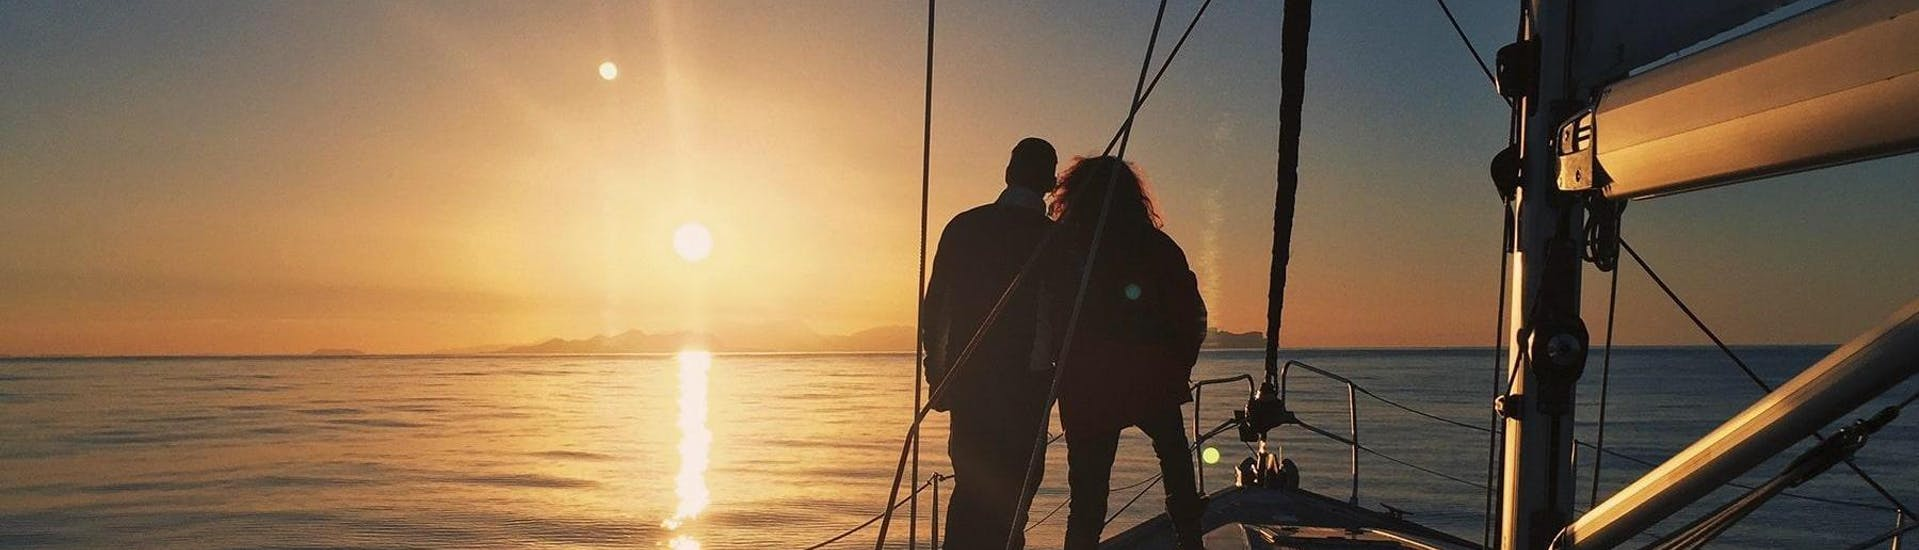 Una pareja está viviendo un Tour Privado en Barco de Vela Atardecer en Barcelona organizado por Five Star Barcelona.